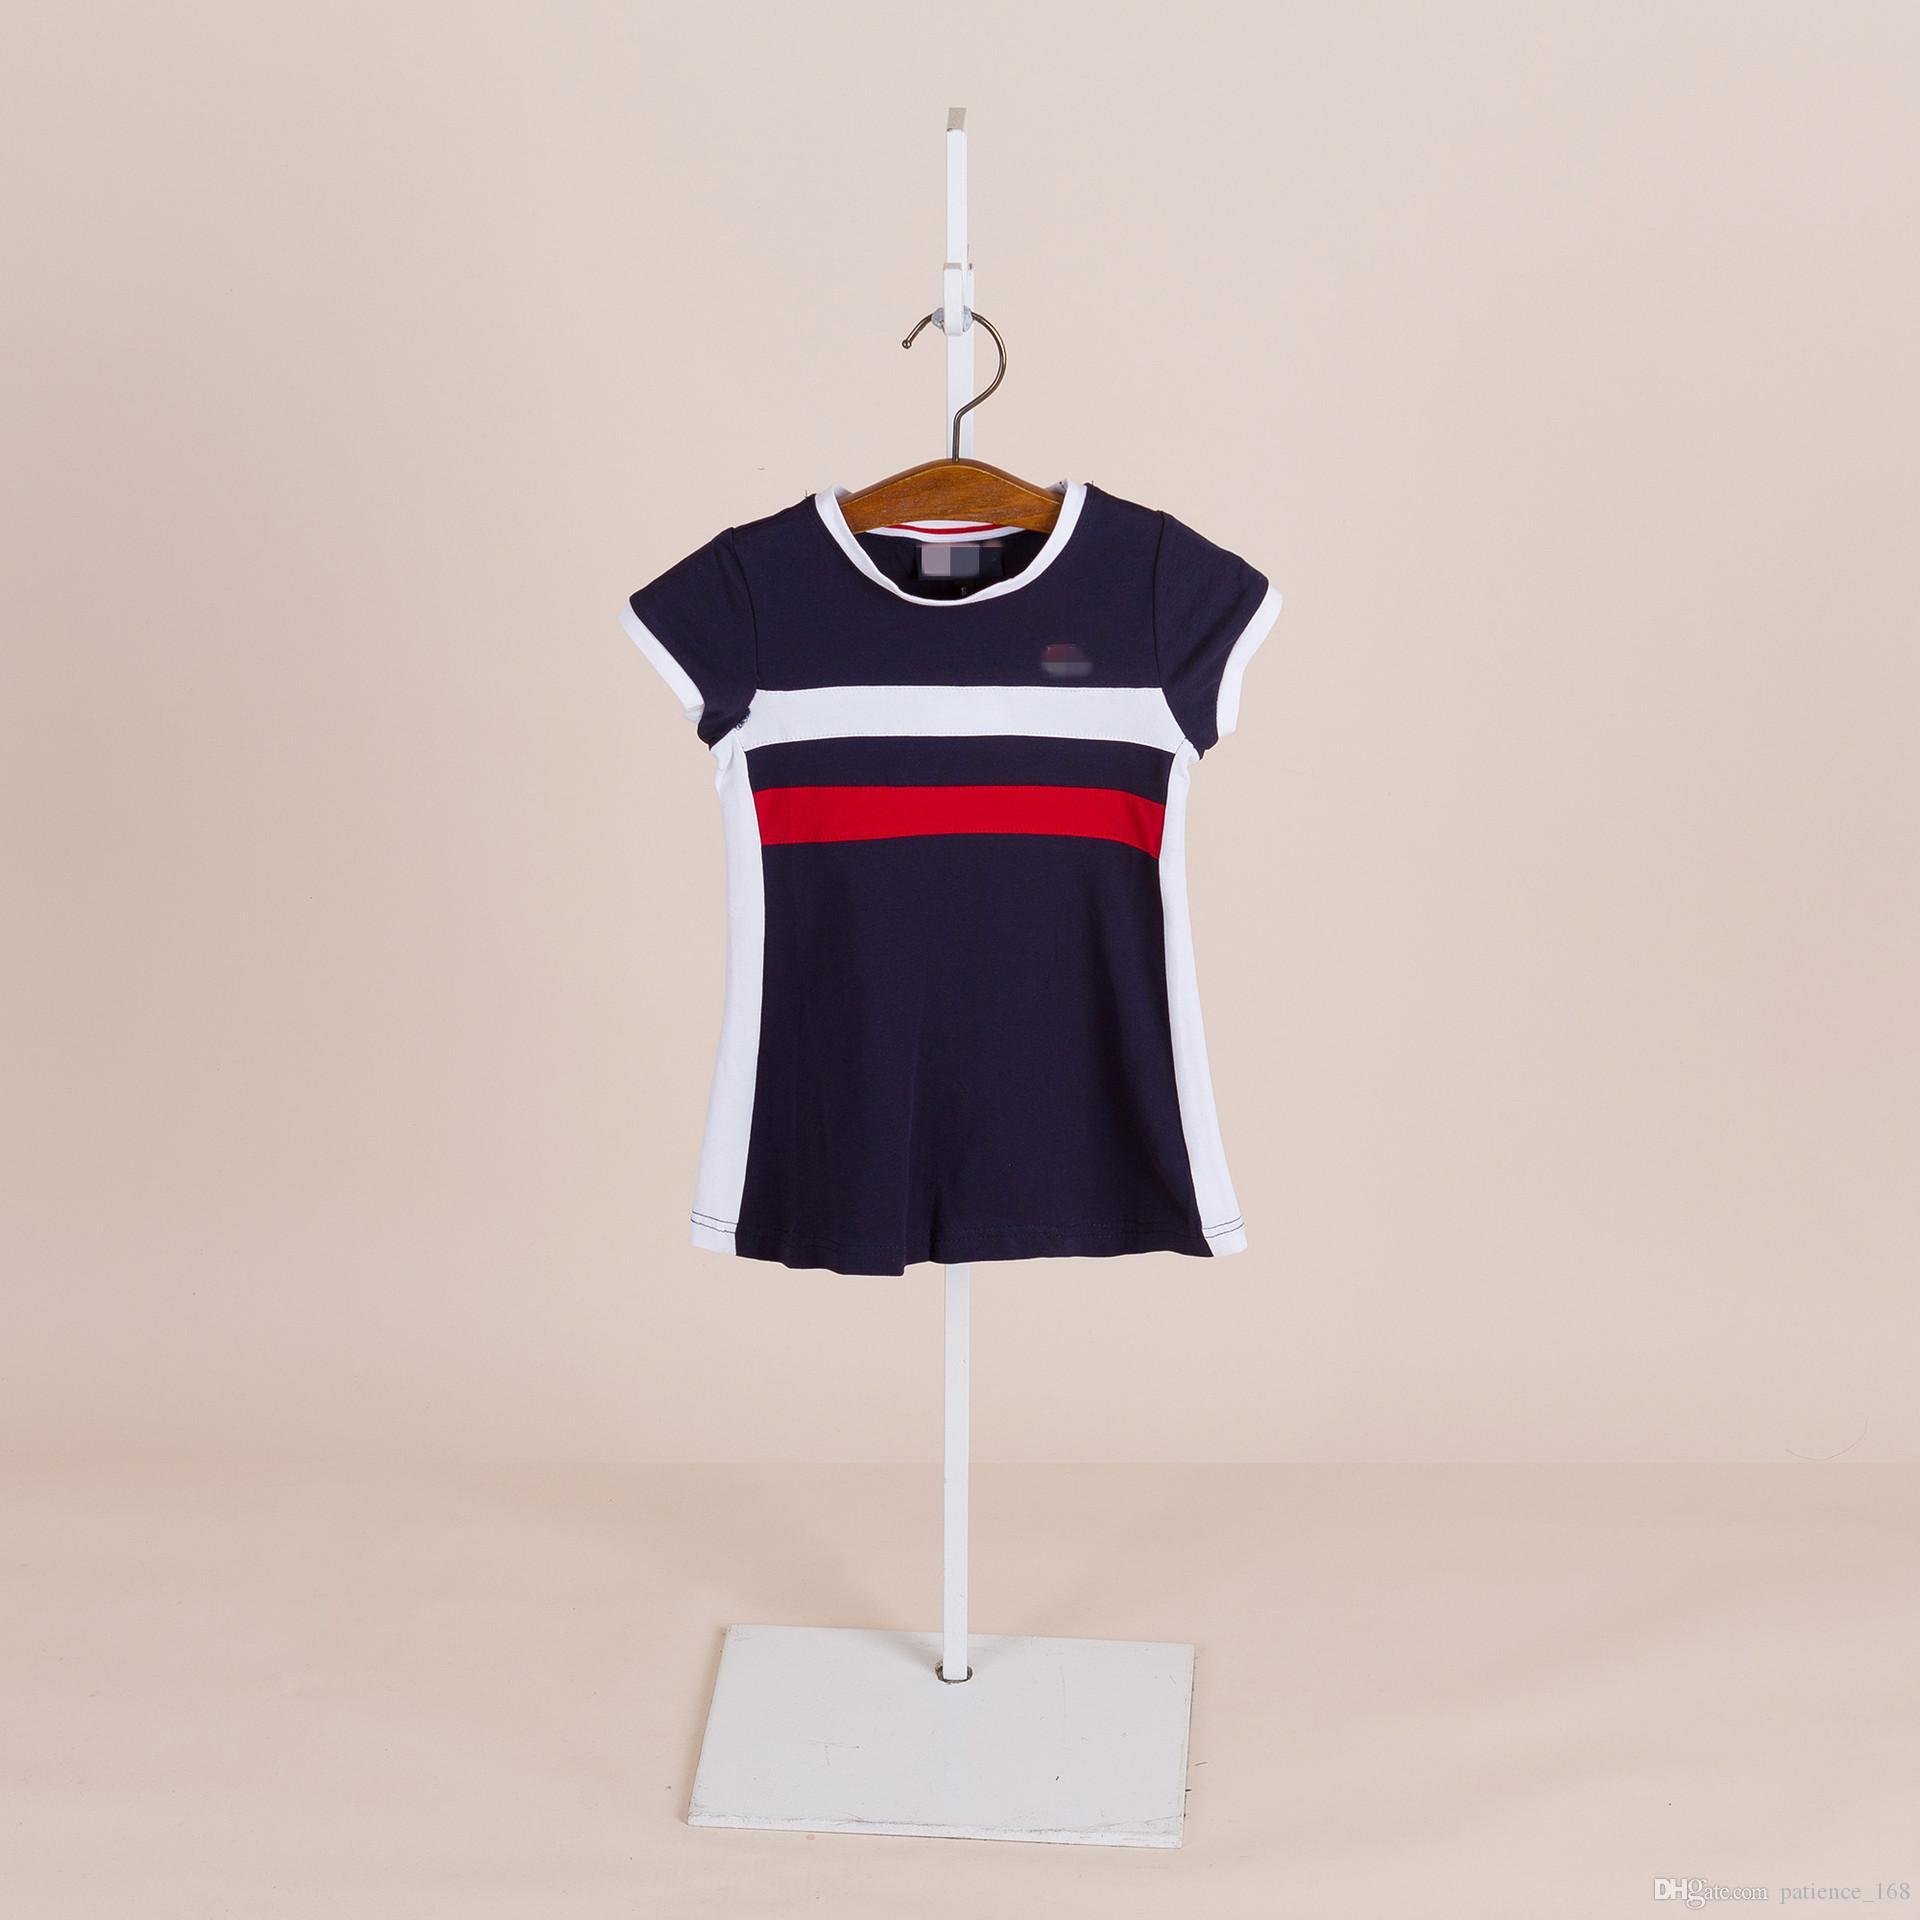 i 2018 estate europea e americana NUOVO arrivo ragazze bambini in puro cotone gonna a maglia da tennis bambini ragazza rotonda abito collare